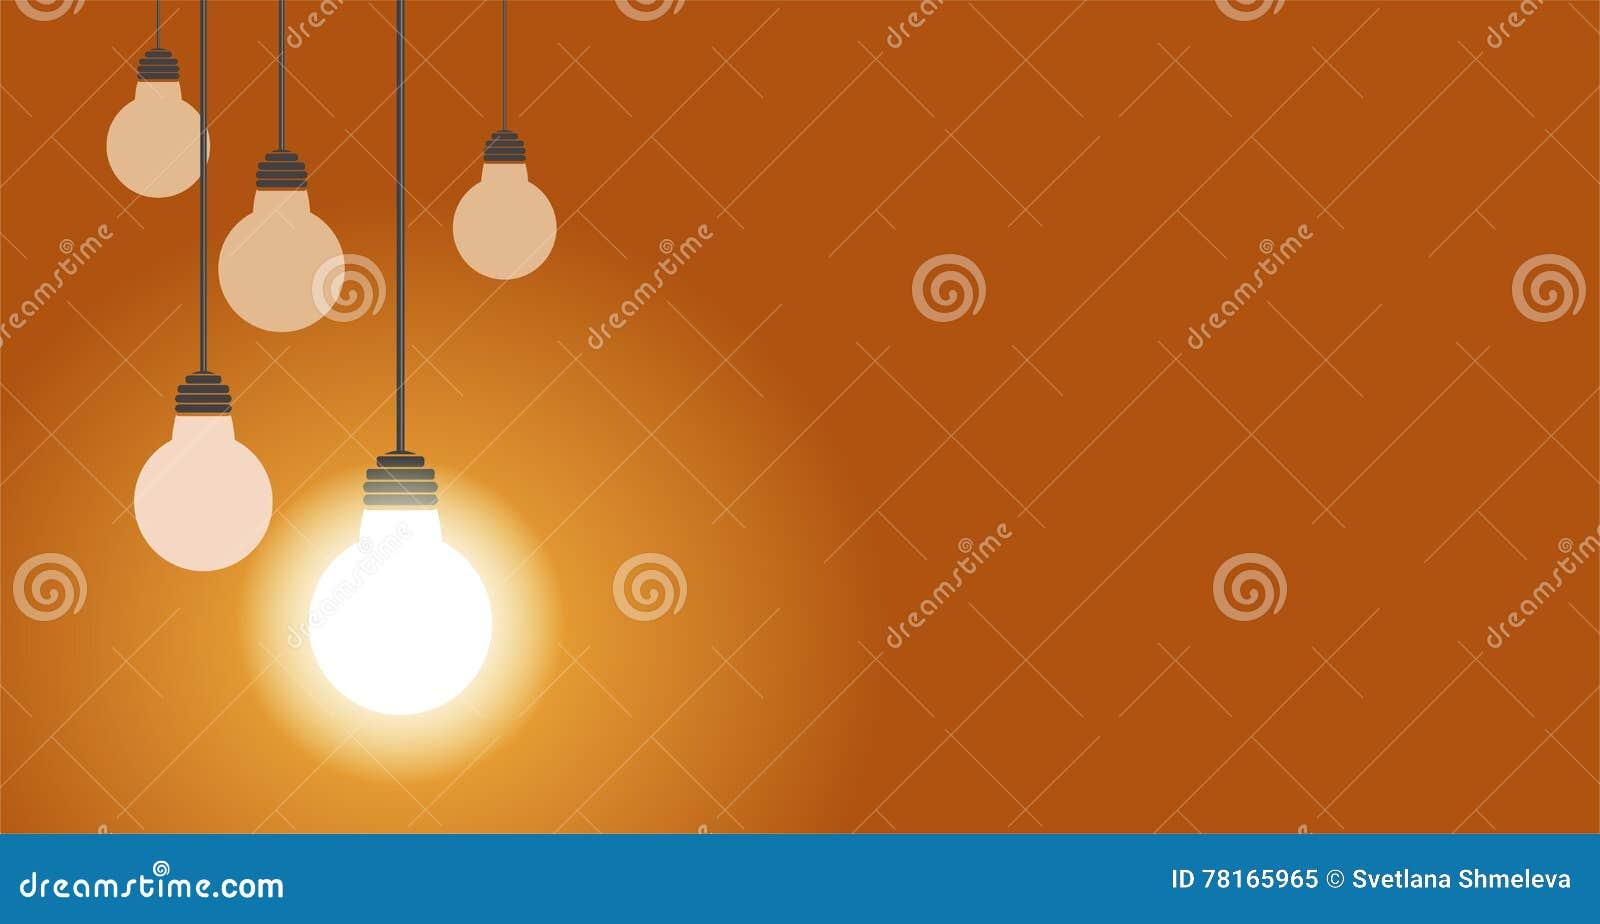 Hängande ljusa kulor en av dem glöd, illustration